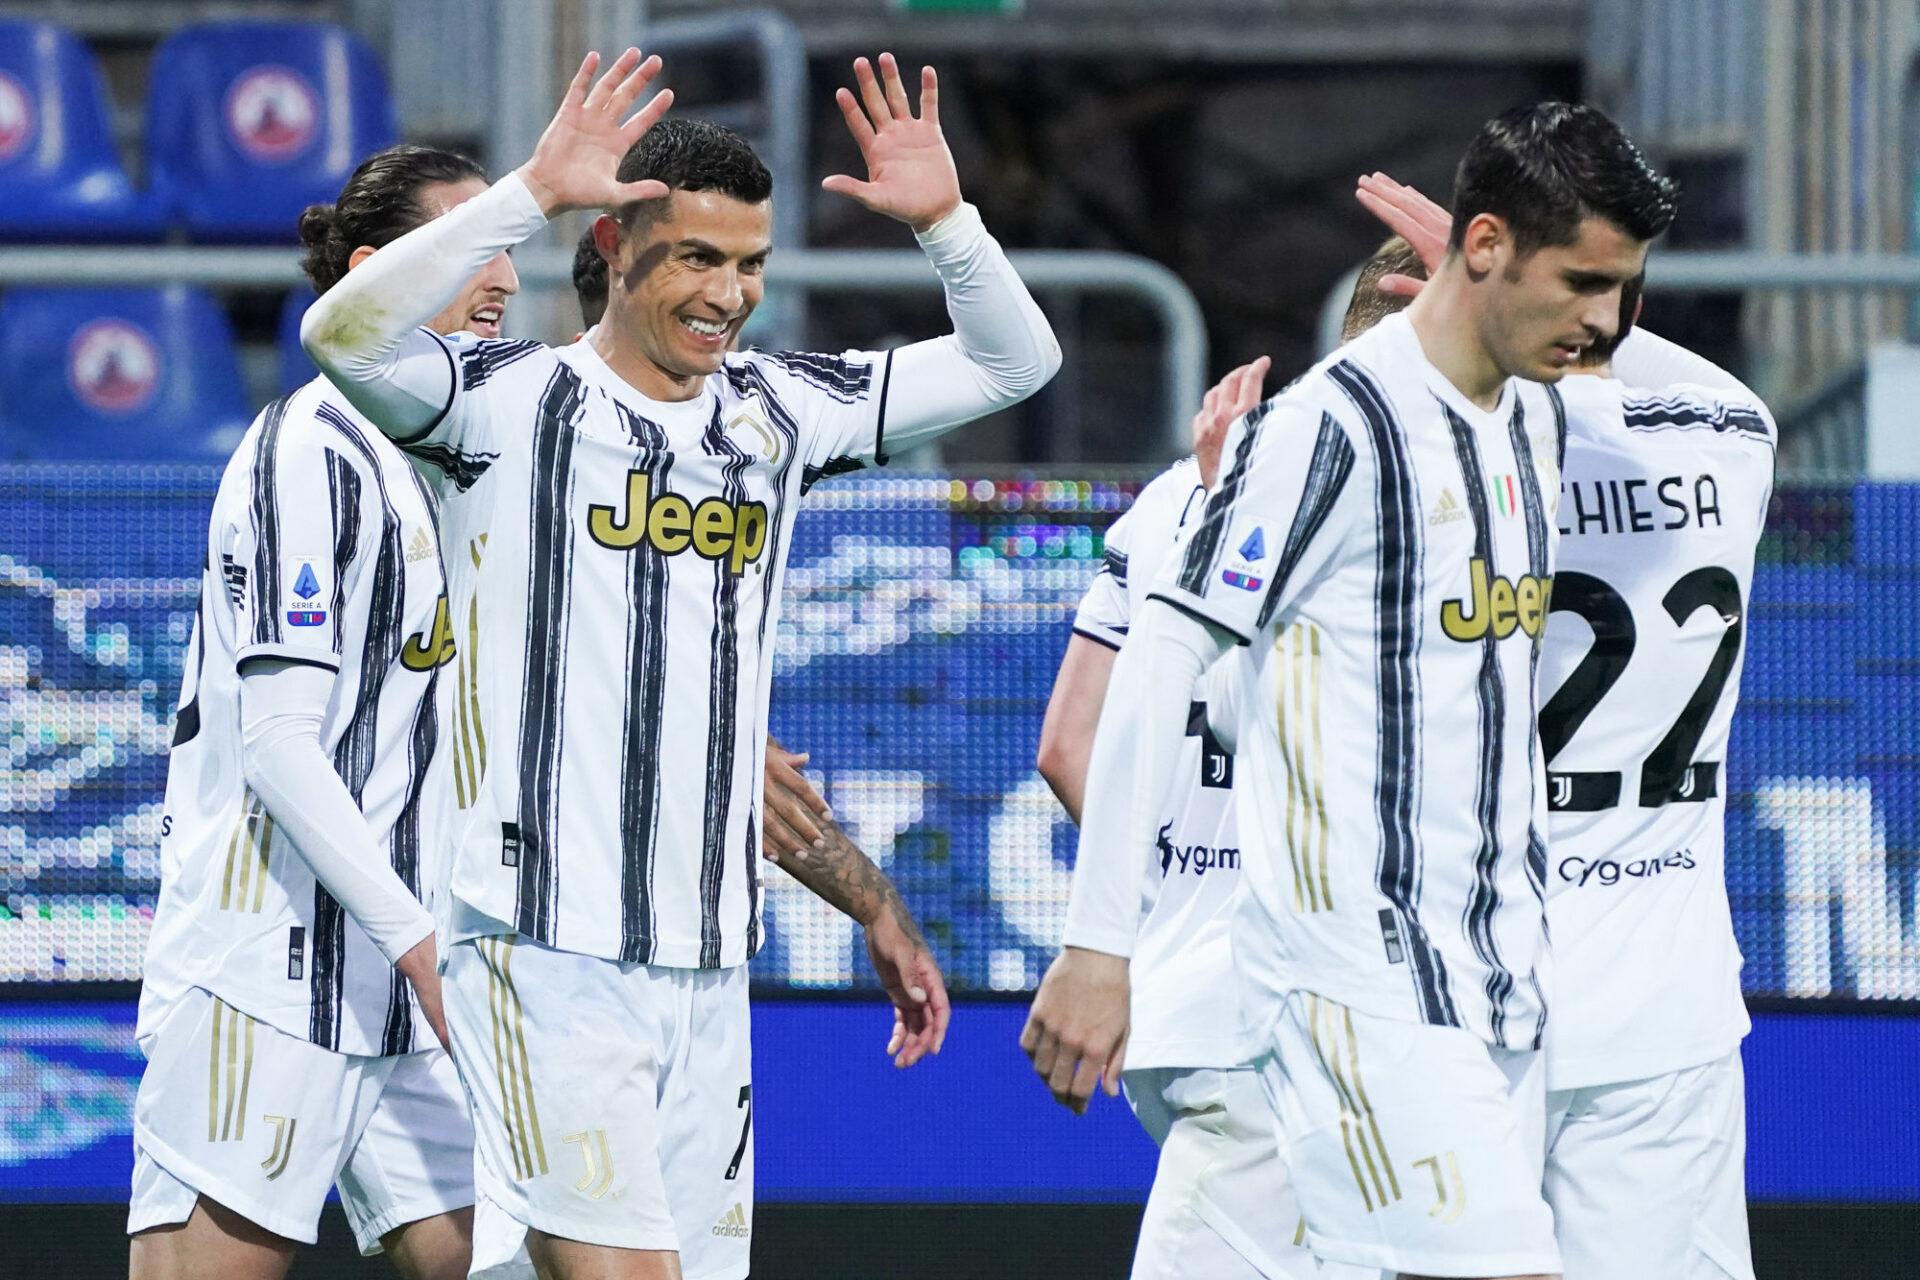 Les joueurs de la Juventus ont pu bénéficier de l'expérience et du professionnalisme de Cristiano Ronaldo. Icon Sport